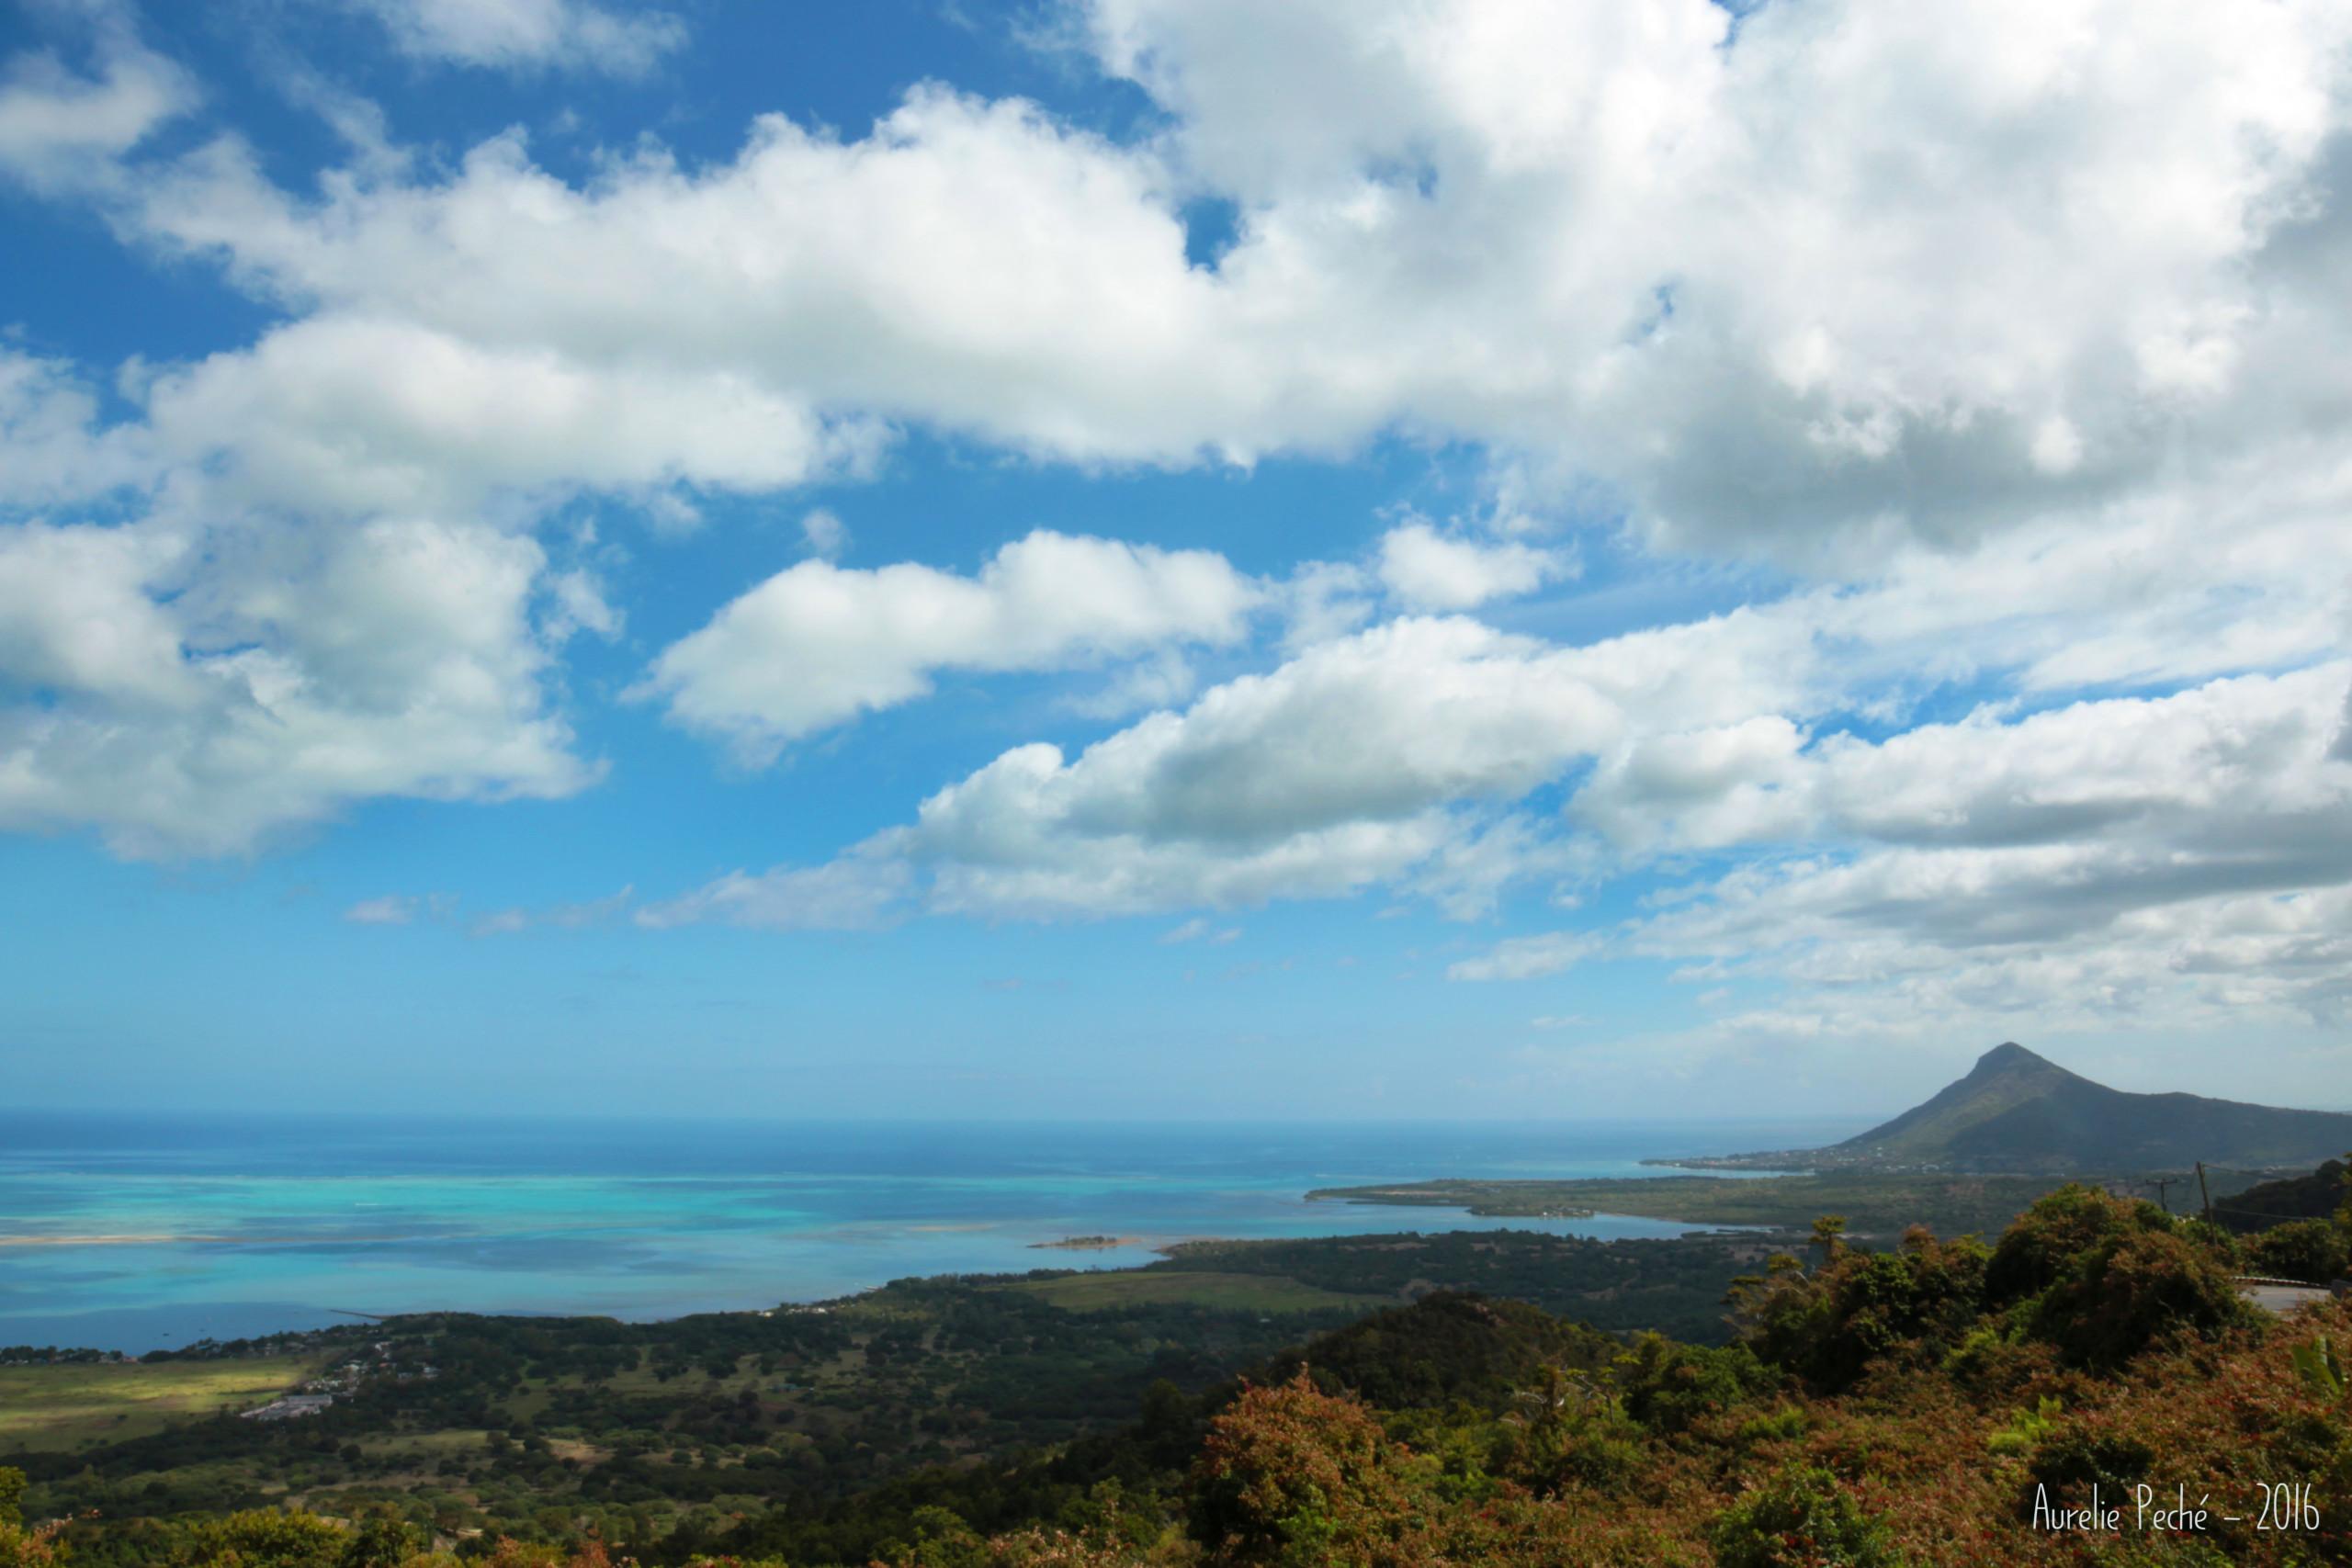 Vue sur la baie de Tamarin - Île Maurice